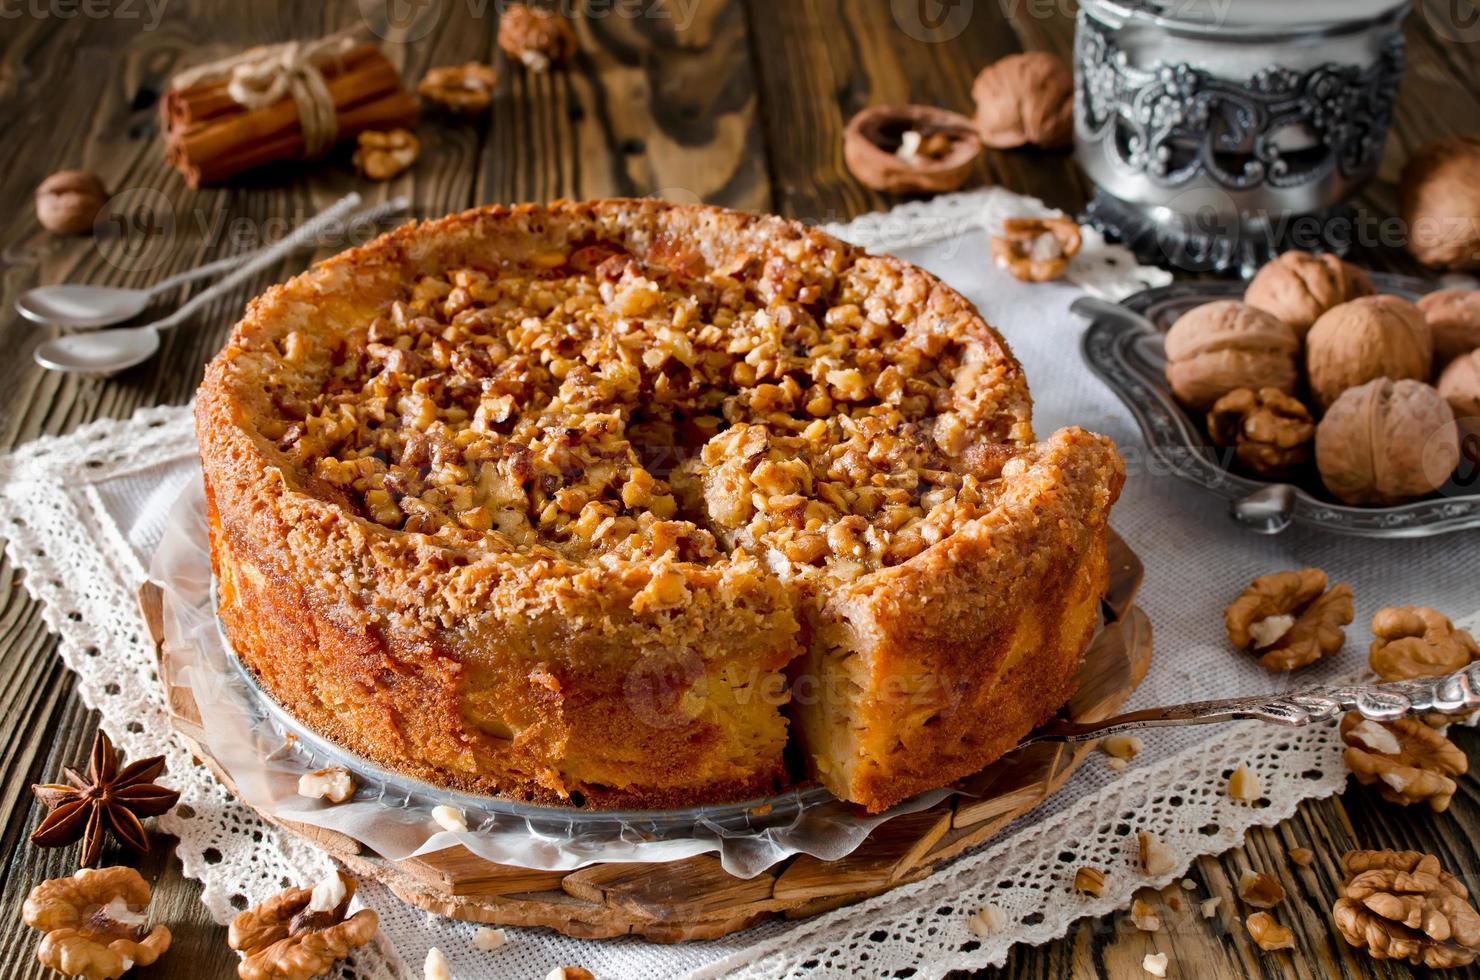 trozo de tarta de manzana con nuez y glaseado de azúcar foto